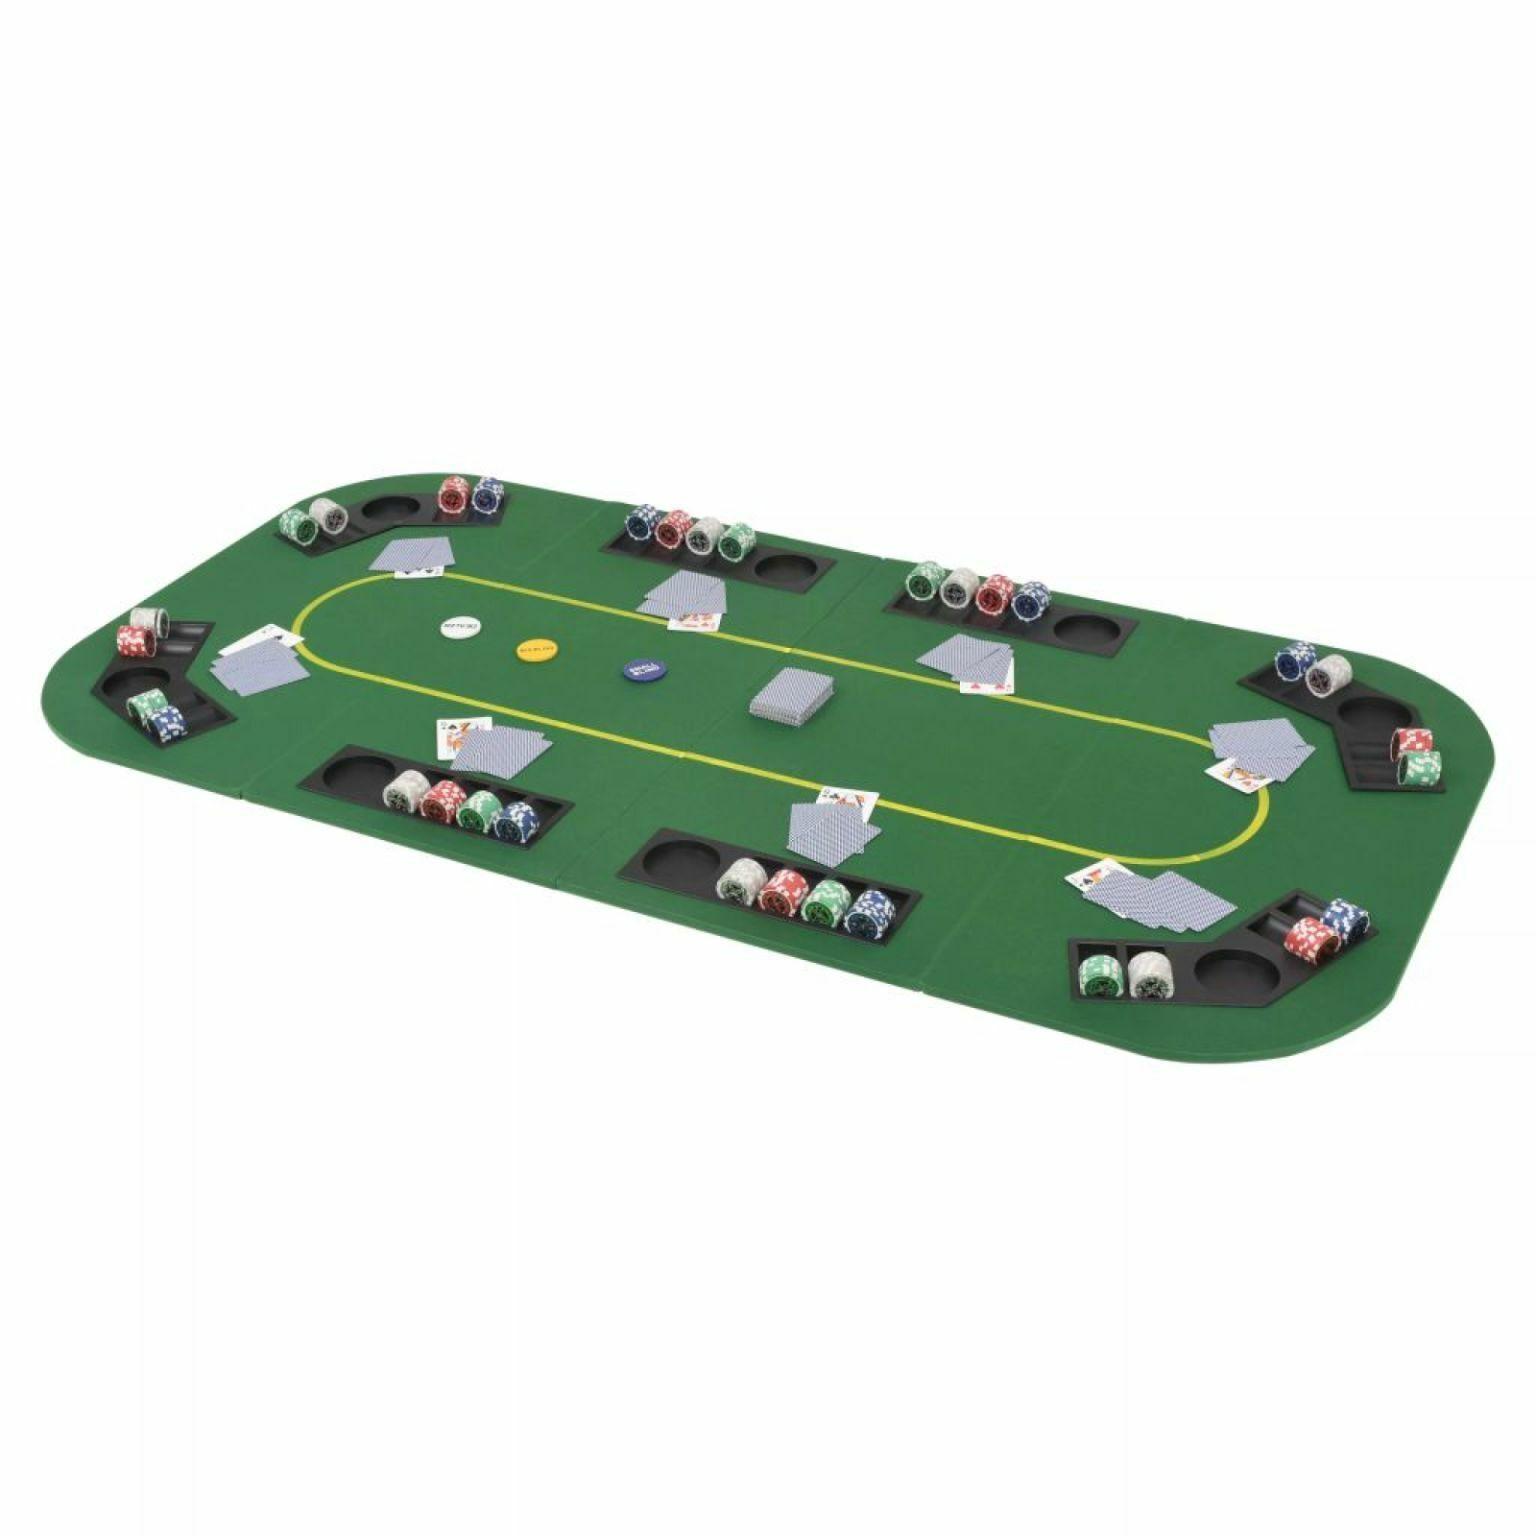 VidaXL Dessus de table de poker  8 joueurs 4 plis rectangulaire Vert  en ligne au meilleur prix